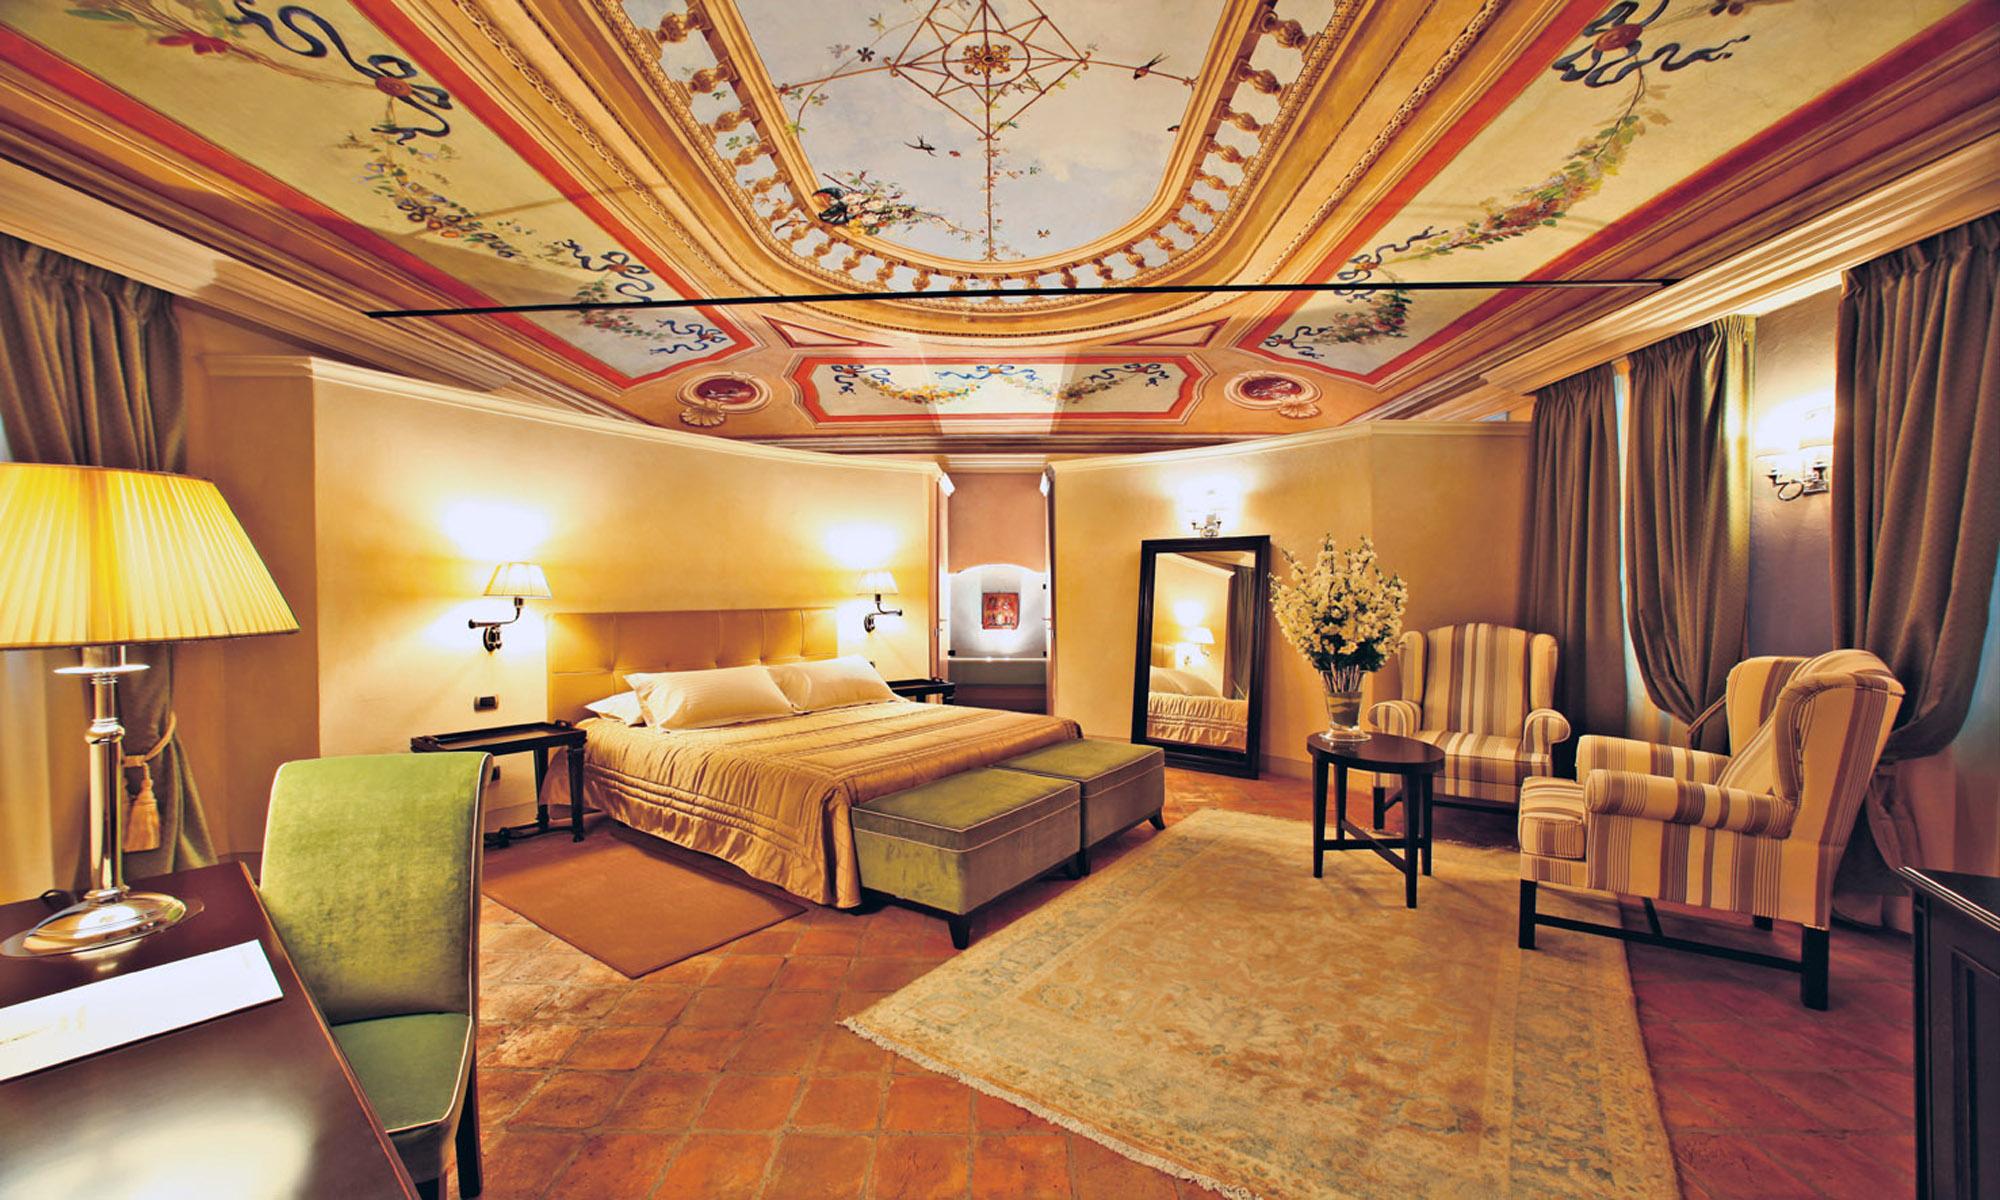 Quanto costa soggiorno spa Relais San\'t Uffizio Monferrato - Viaggiamo